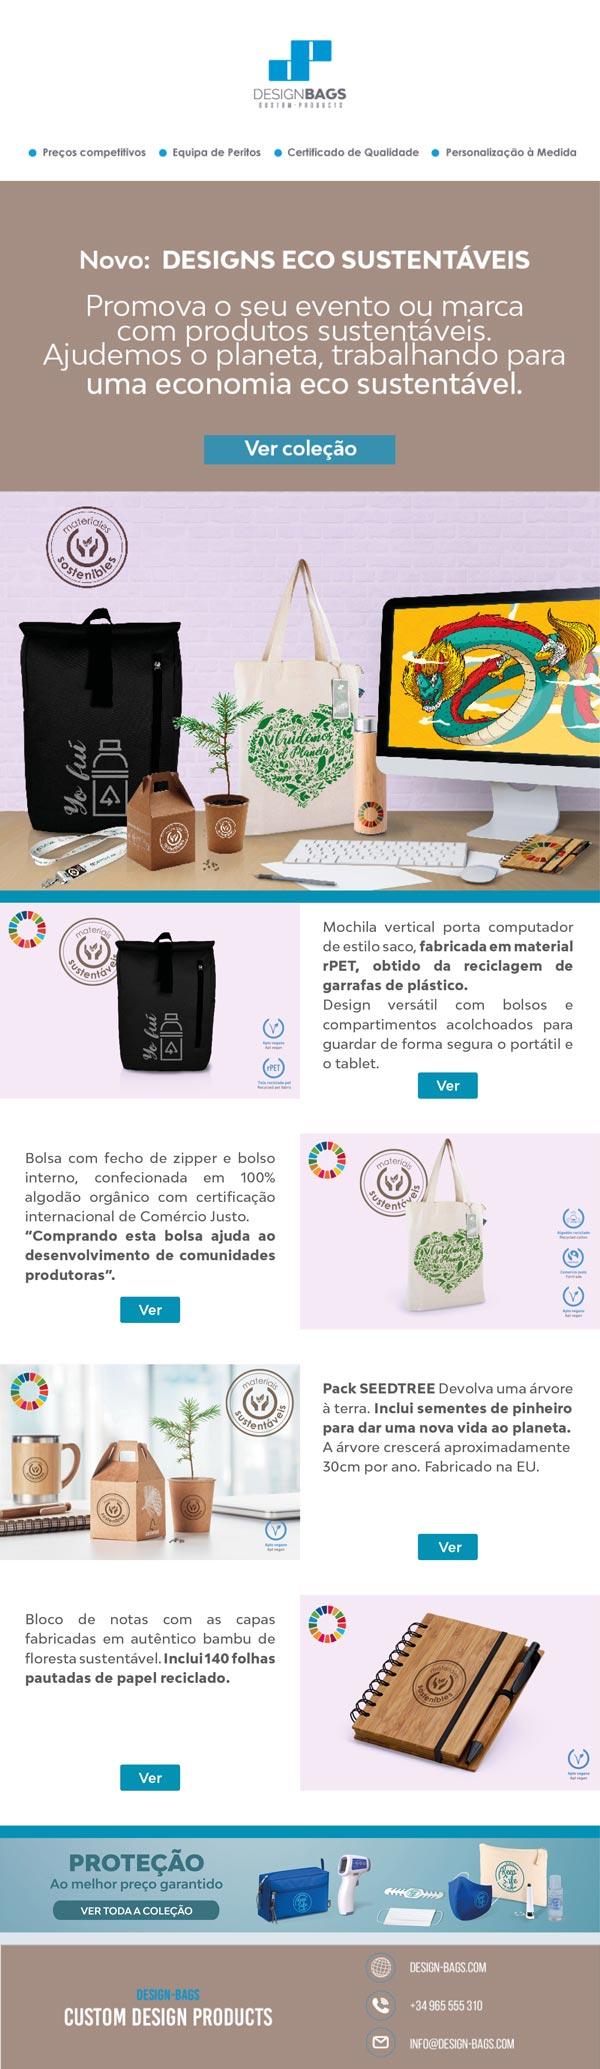 Promova o seu evento ou marca com produtos sustentáveis